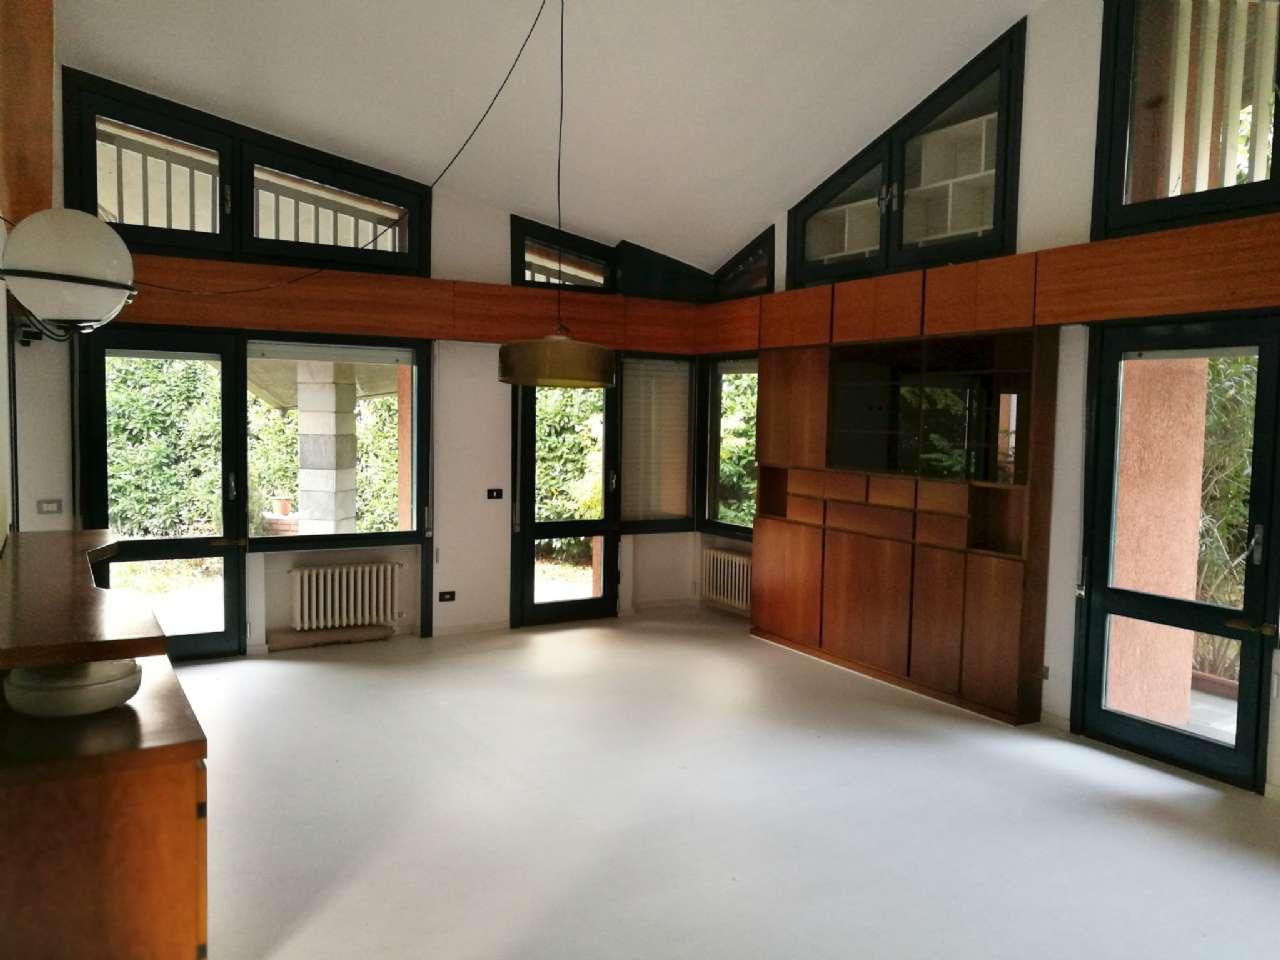 Villa in vendita a Cesano Maderno, 6 locali, prezzo € 550.000 | CambioCasa.it